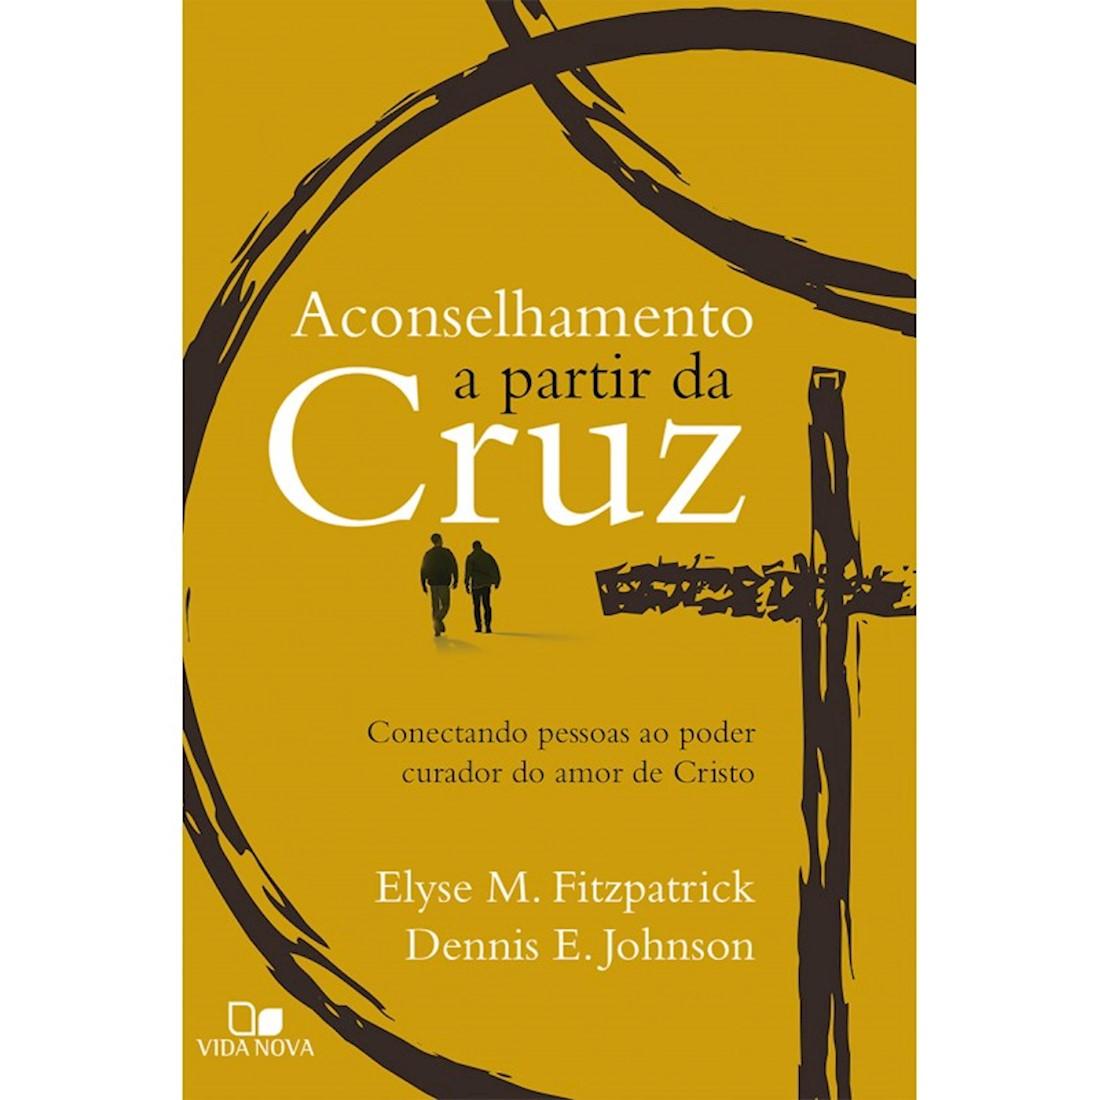 Livro Aconselhamento a Partir da Cruz